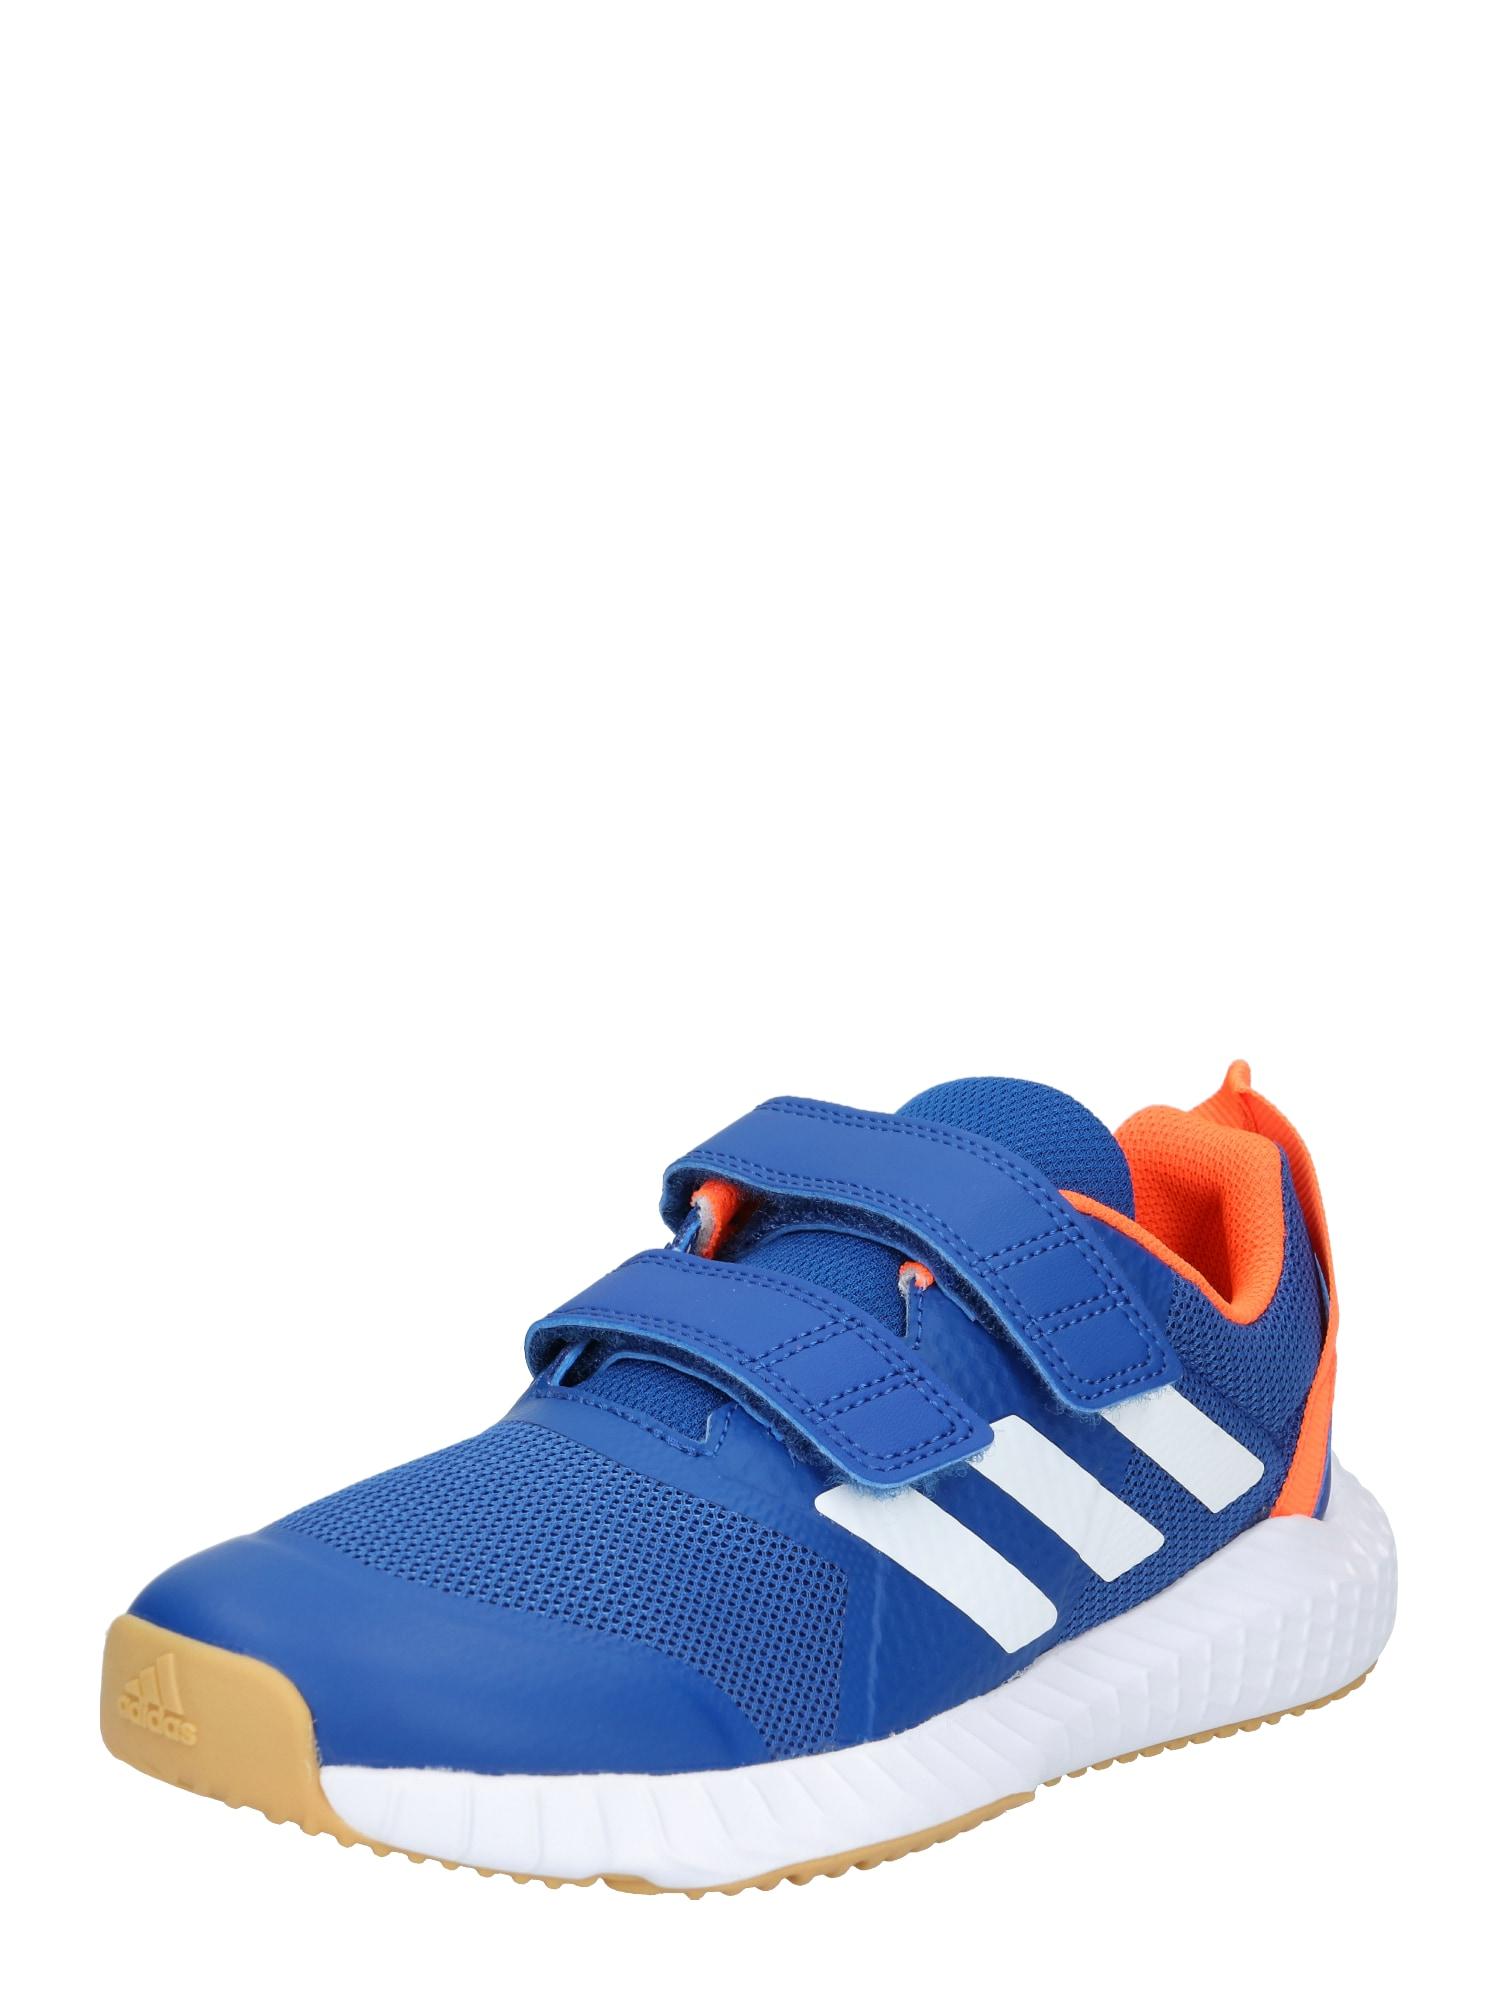 Sportovní boty FortaGym CF K modrá ADIDAS PERFORMANCE